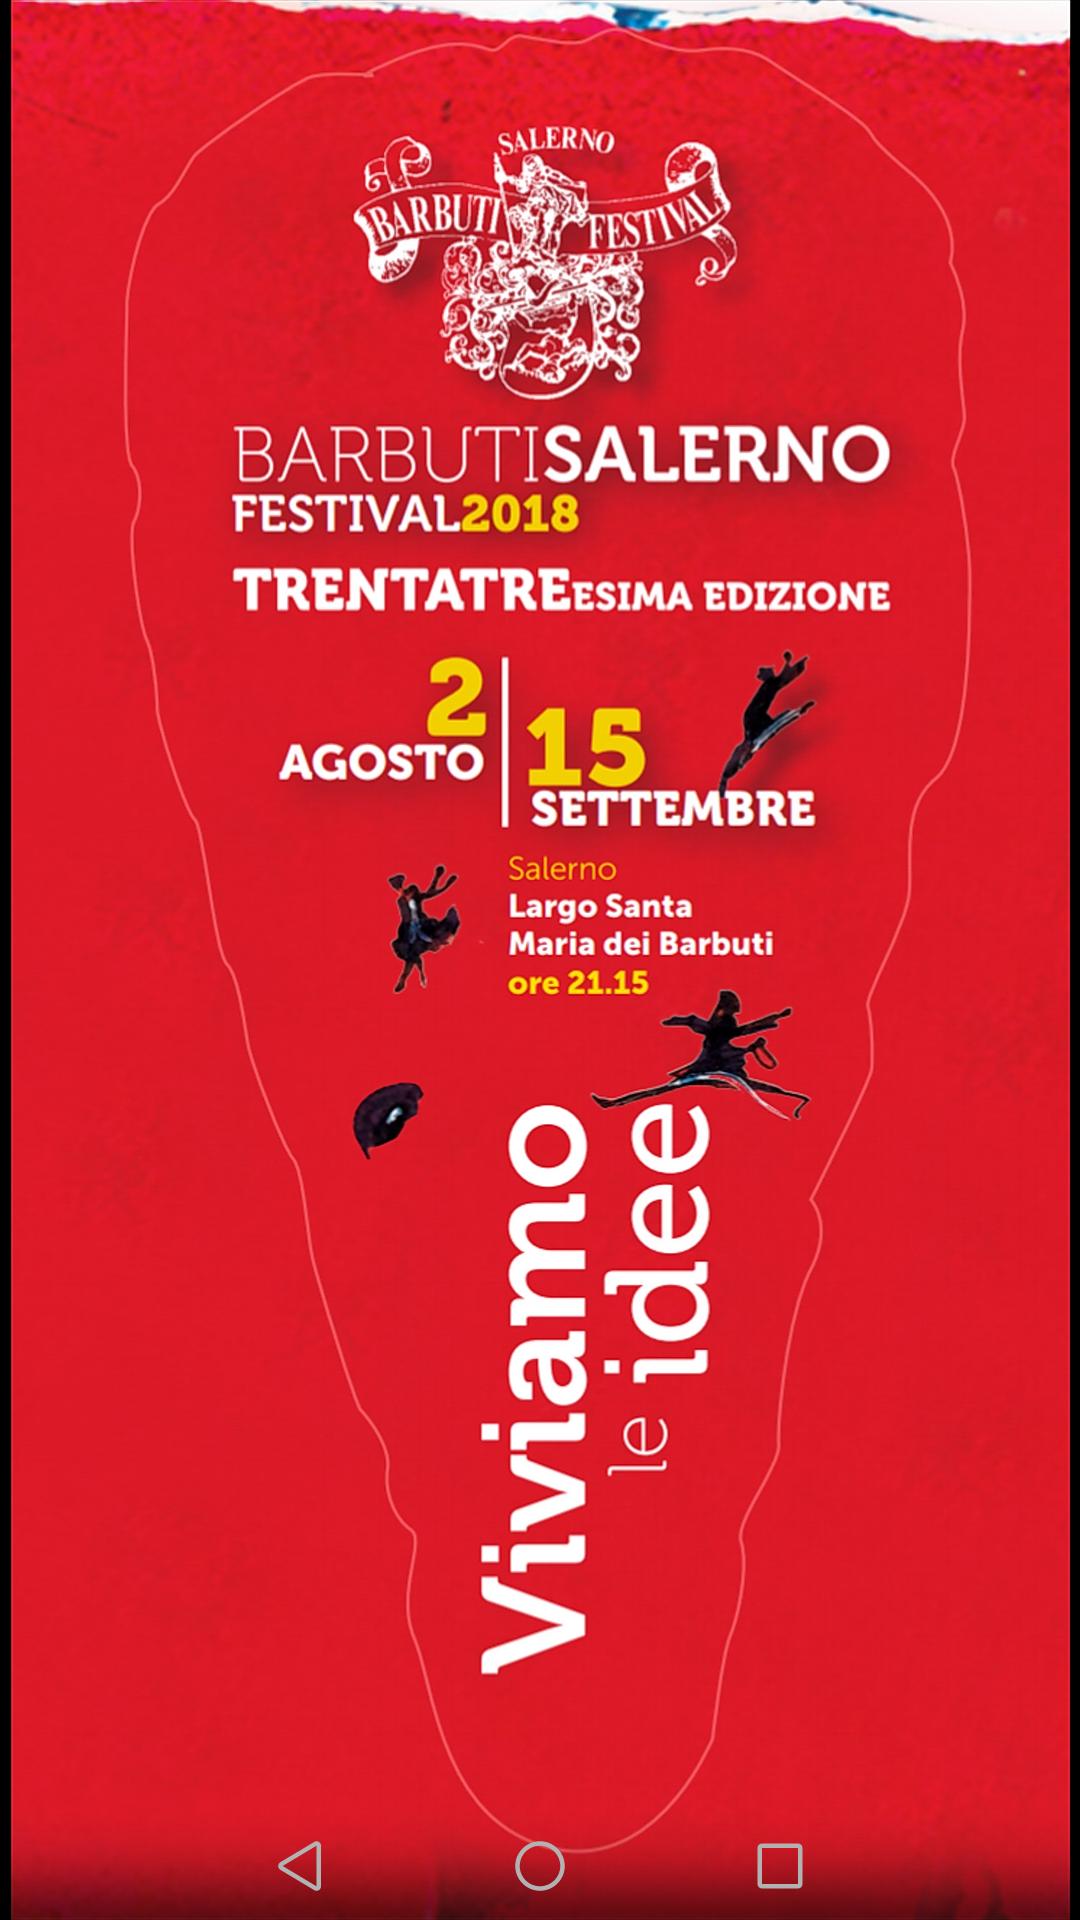 Barbuti Festival 2018 Salerno